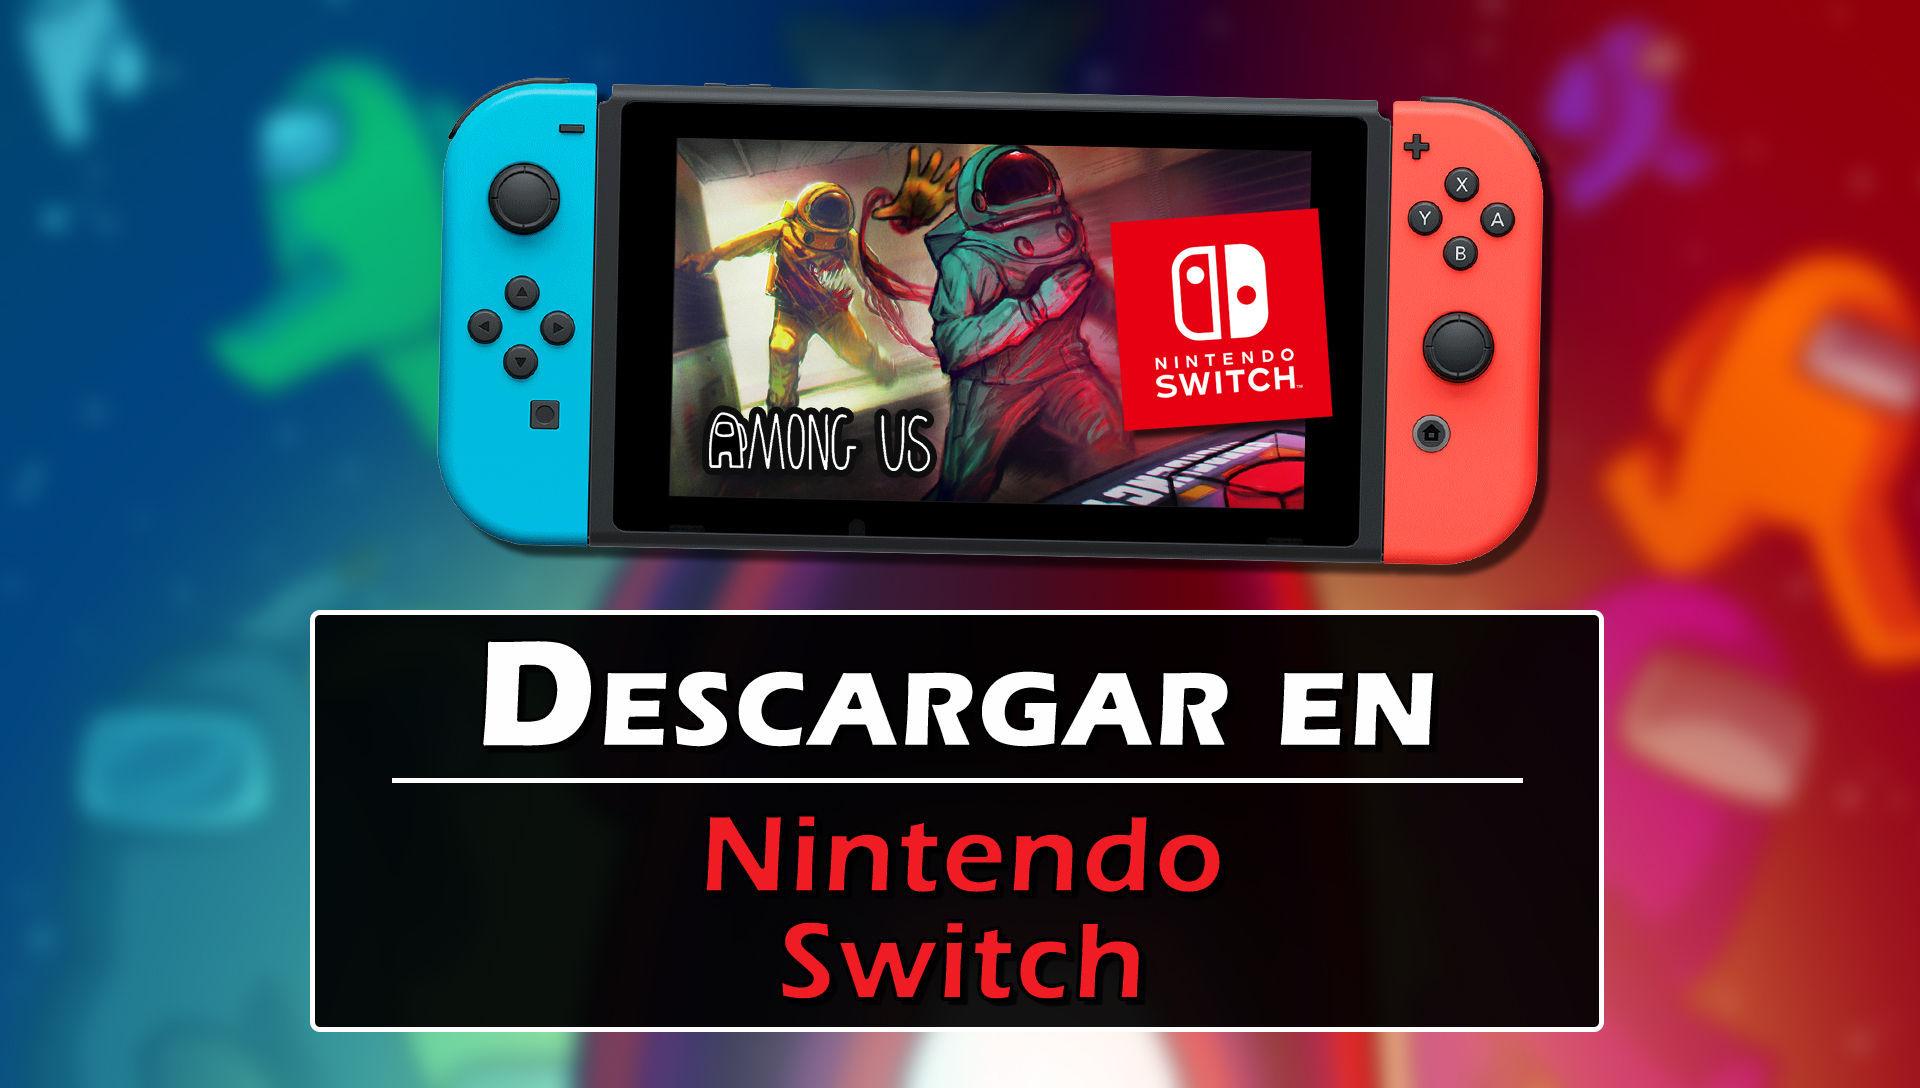 Among Us En Nintendo Switch Cómo Descargar Precio Y Crossplay